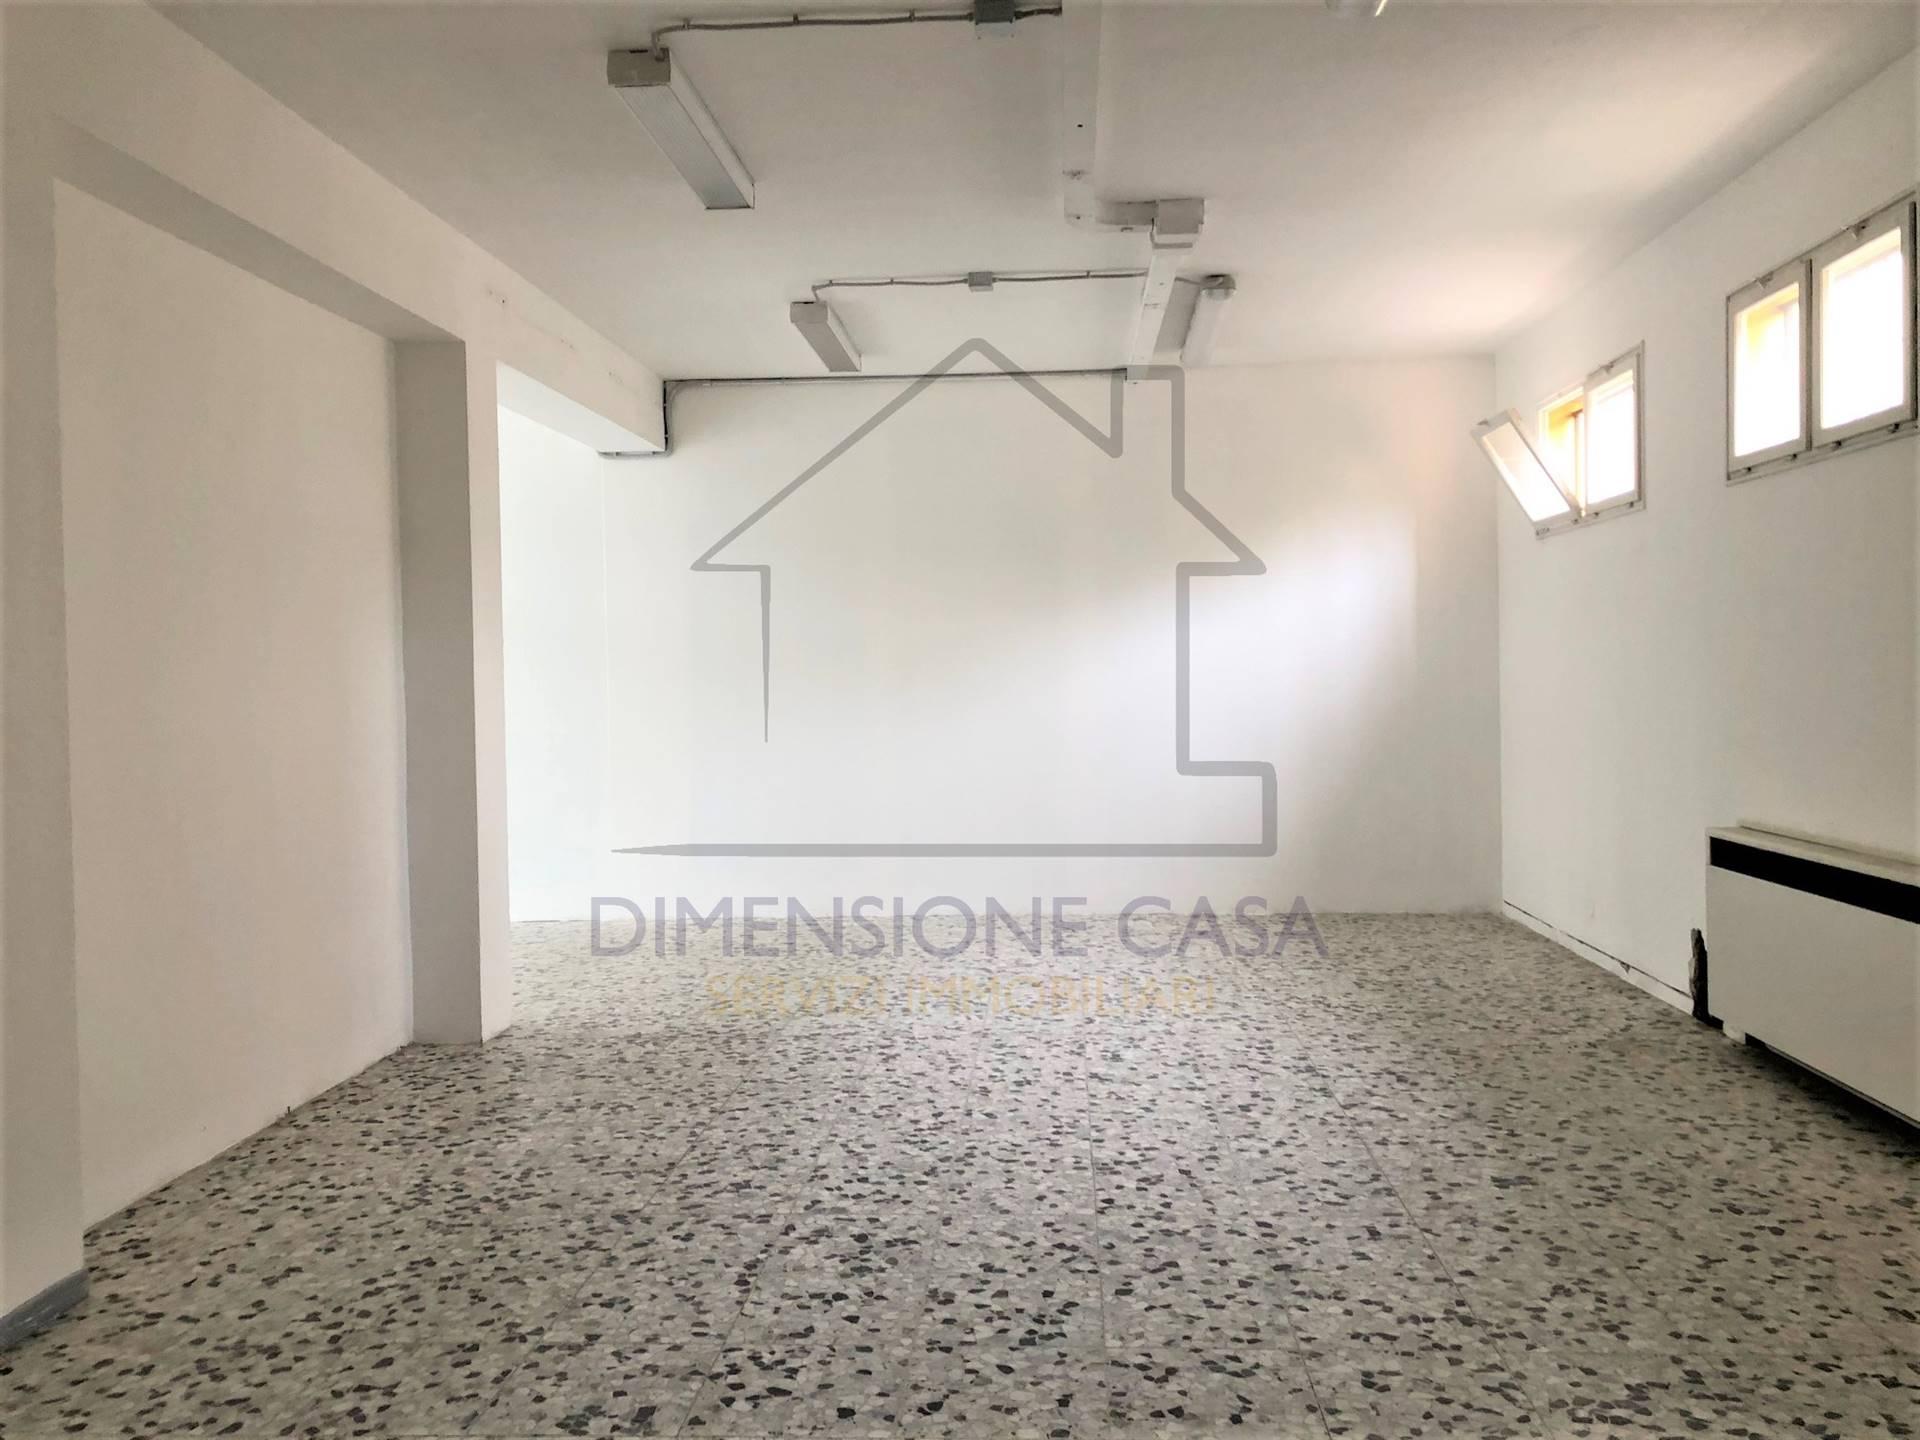 Negozio / Locale in affitto a Carpi, 1 locali, zona Località: STADIO, prezzo € 800 | CambioCasa.it